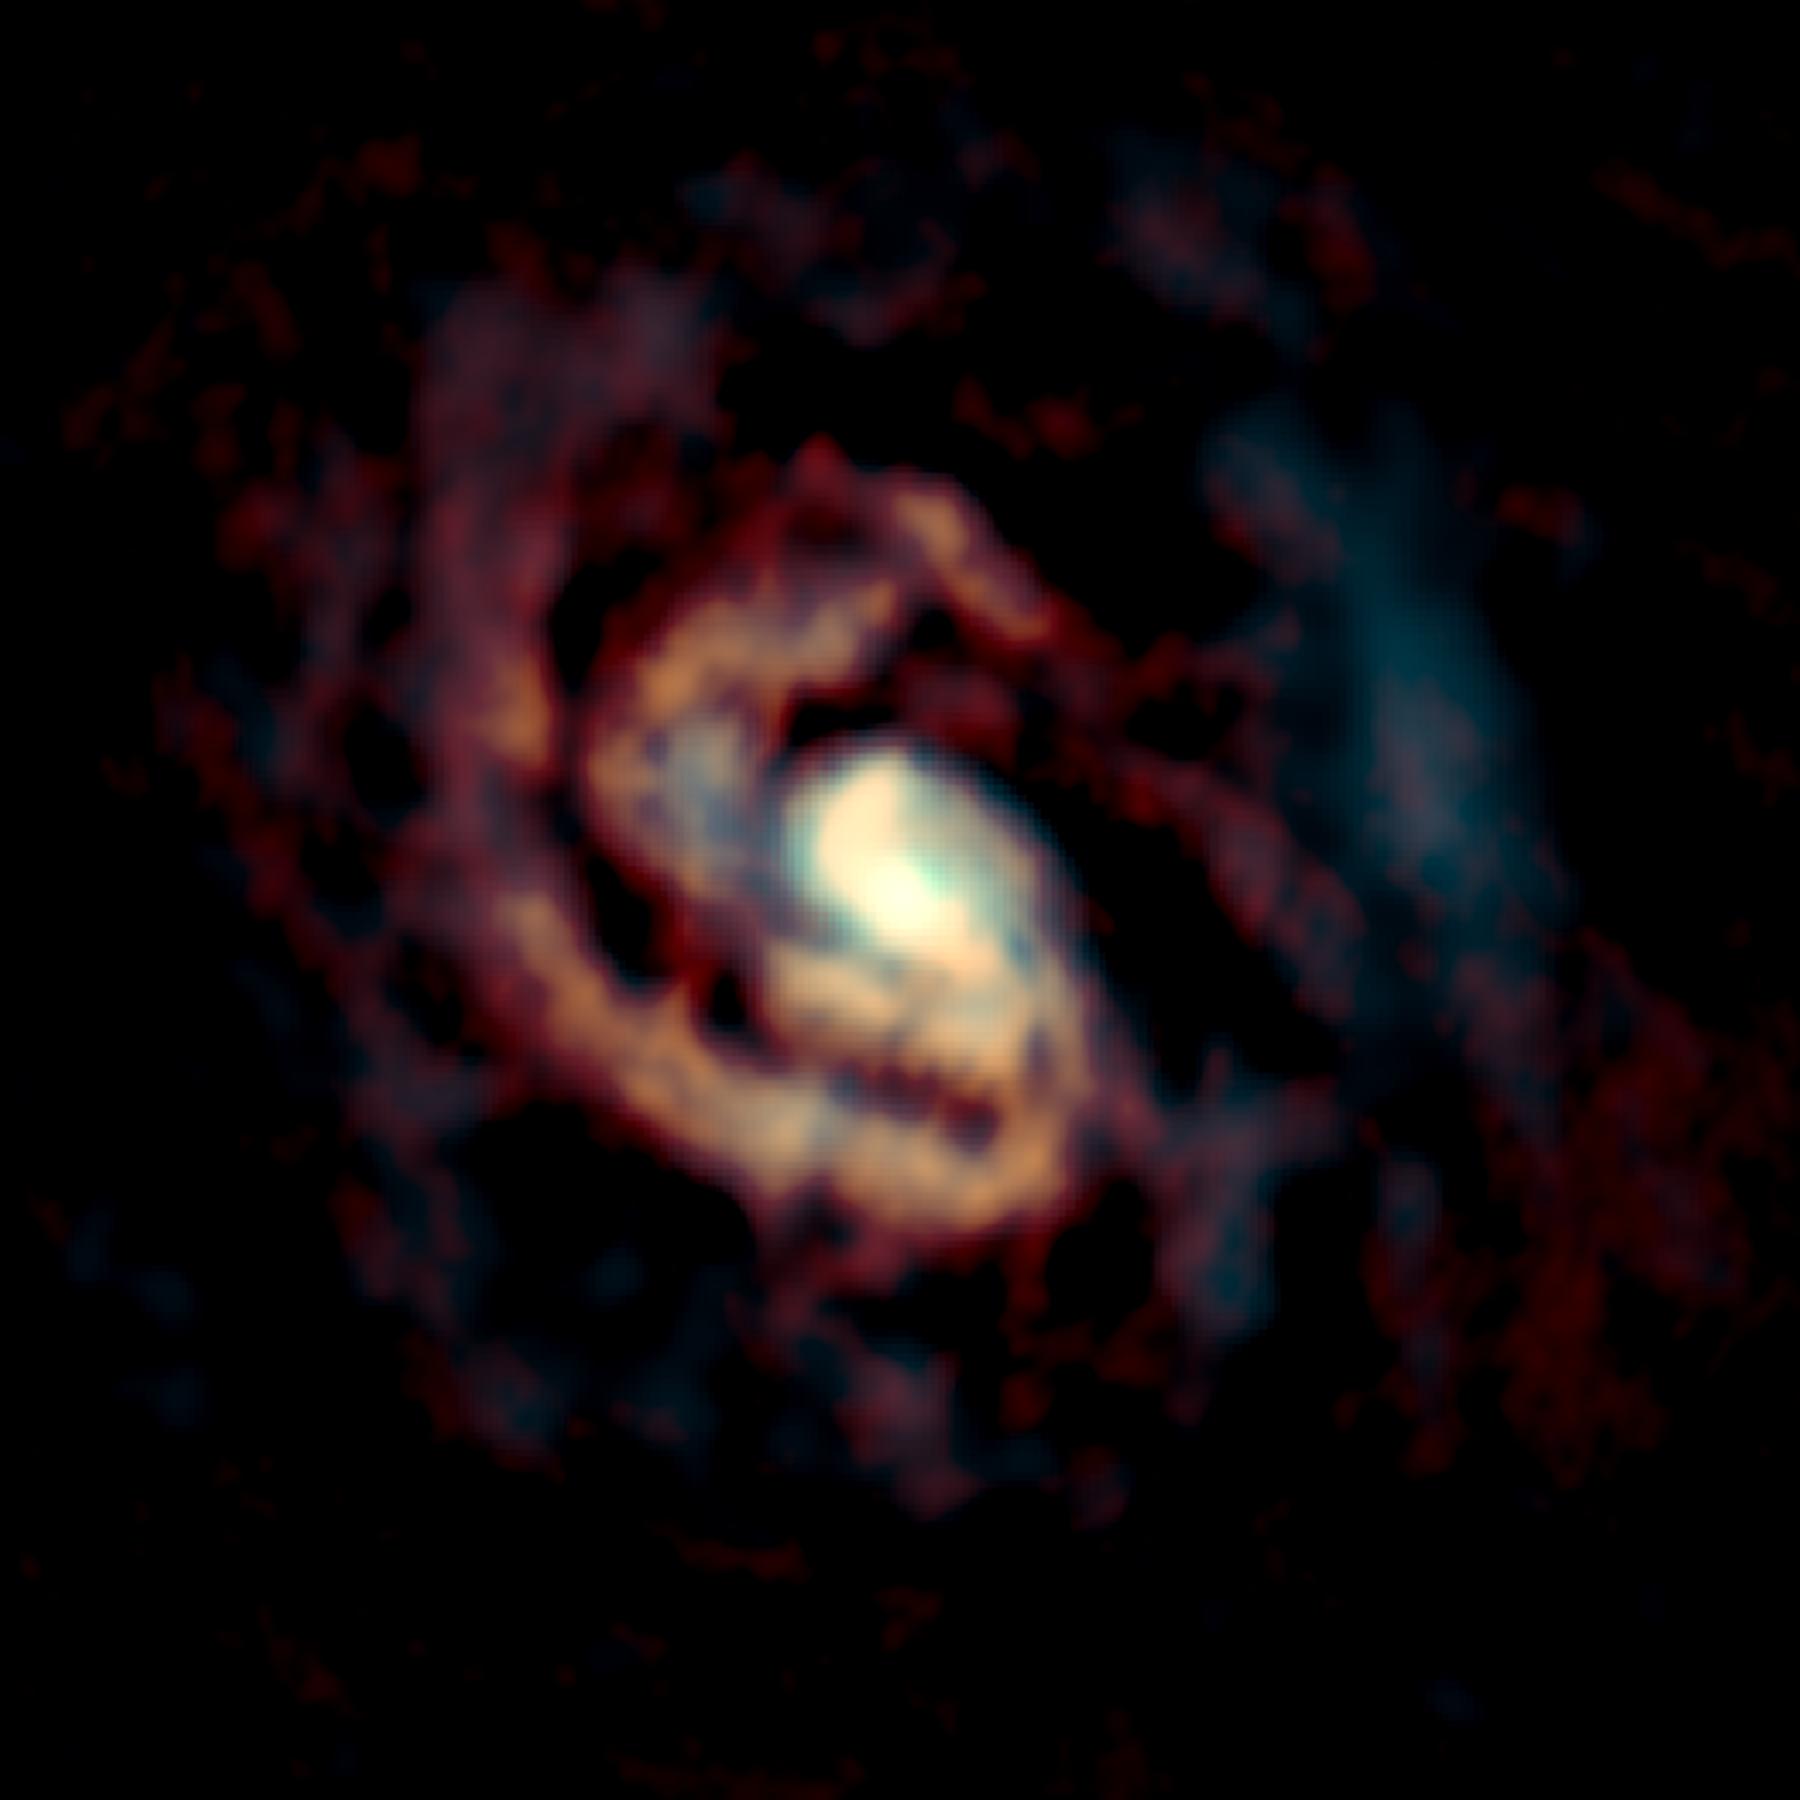 巨大ブラックホールドーナツの正体